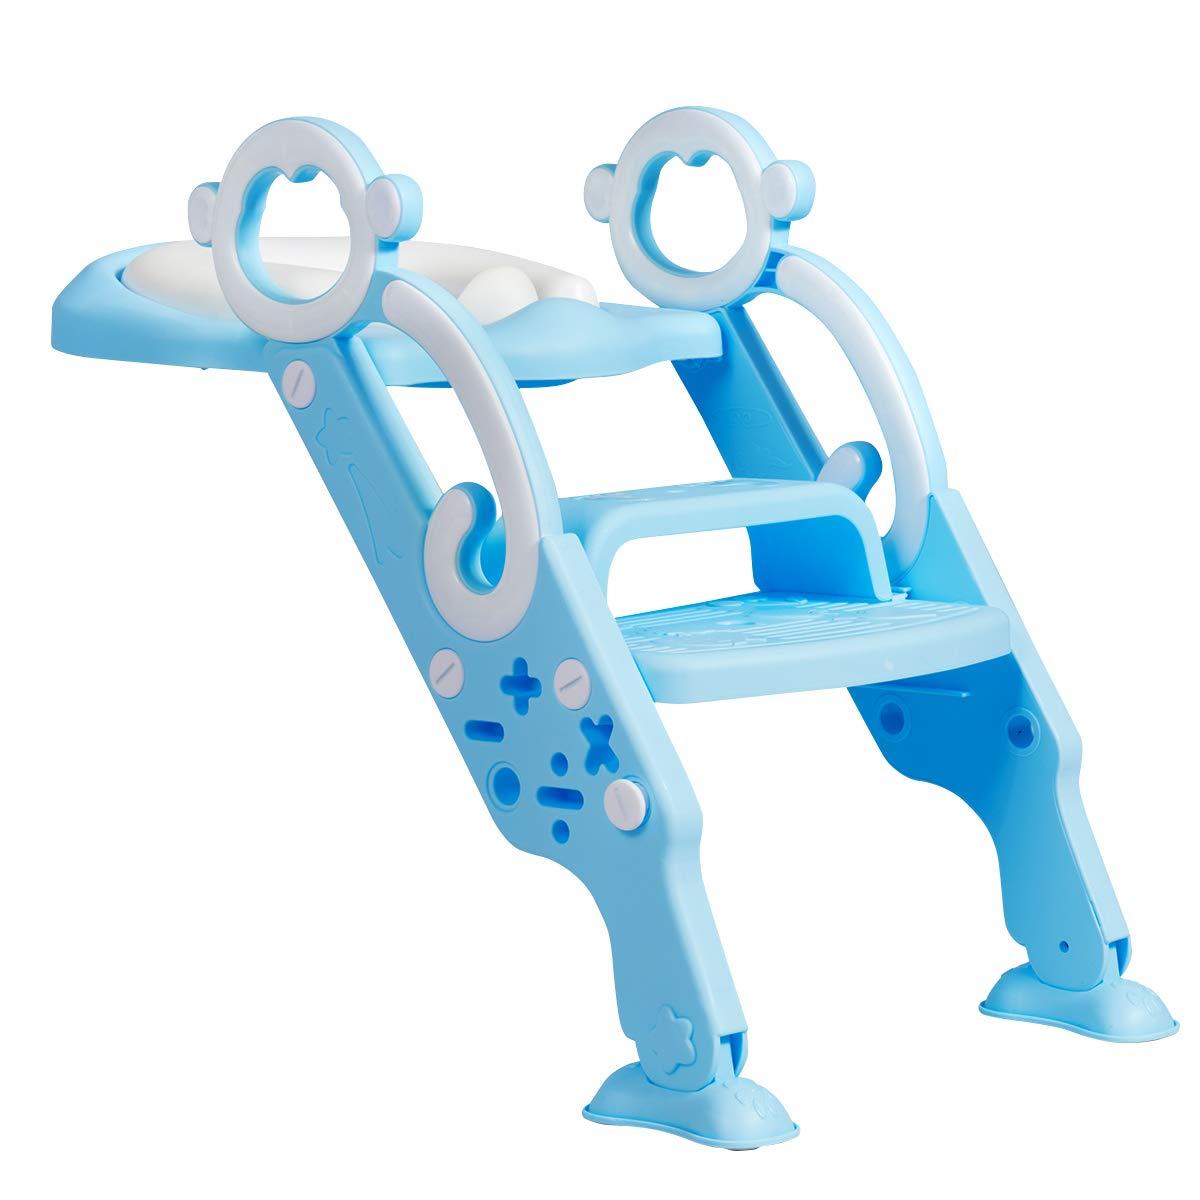 GOPLUS T/öpfchentrainer Blau Toilettenleiter f/ür Kinder Toilettensitz h/öhenverstellbar 35 bis 42 cm faltbarer Toilettensitz mit Treppe Armlehnen Toilettentrainer ab 2 Jahre